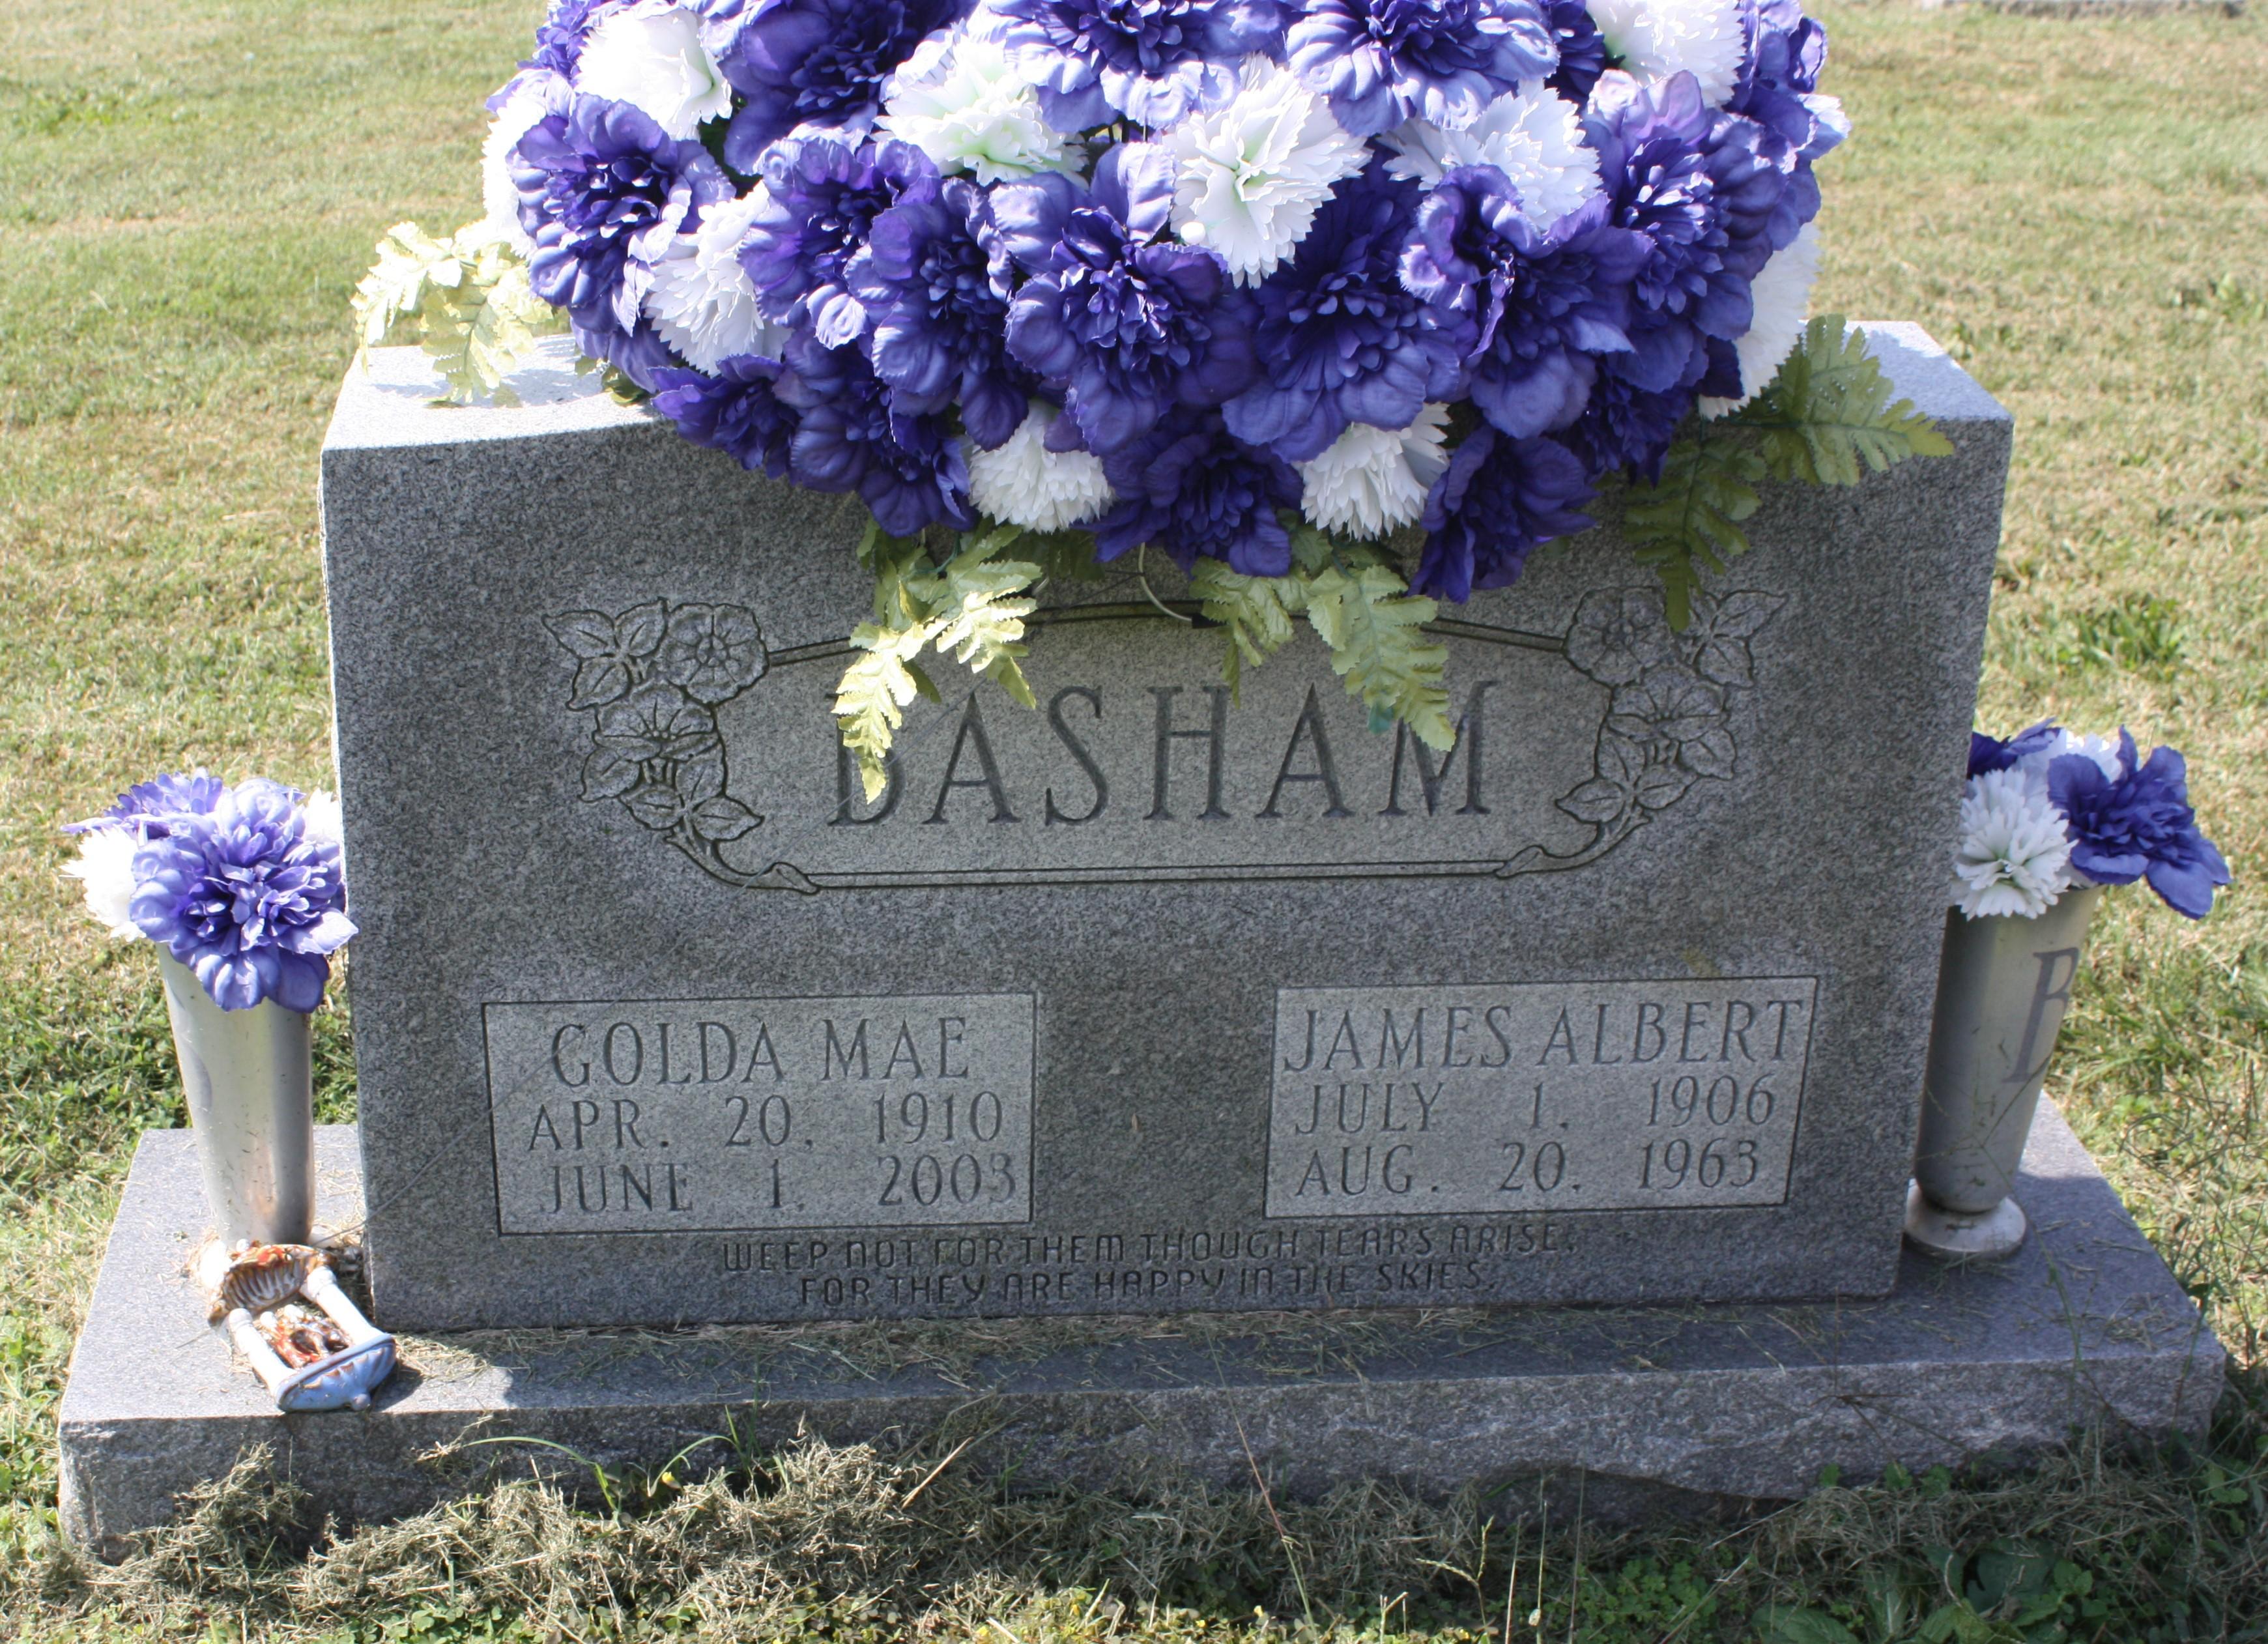 Golda Mae Basham